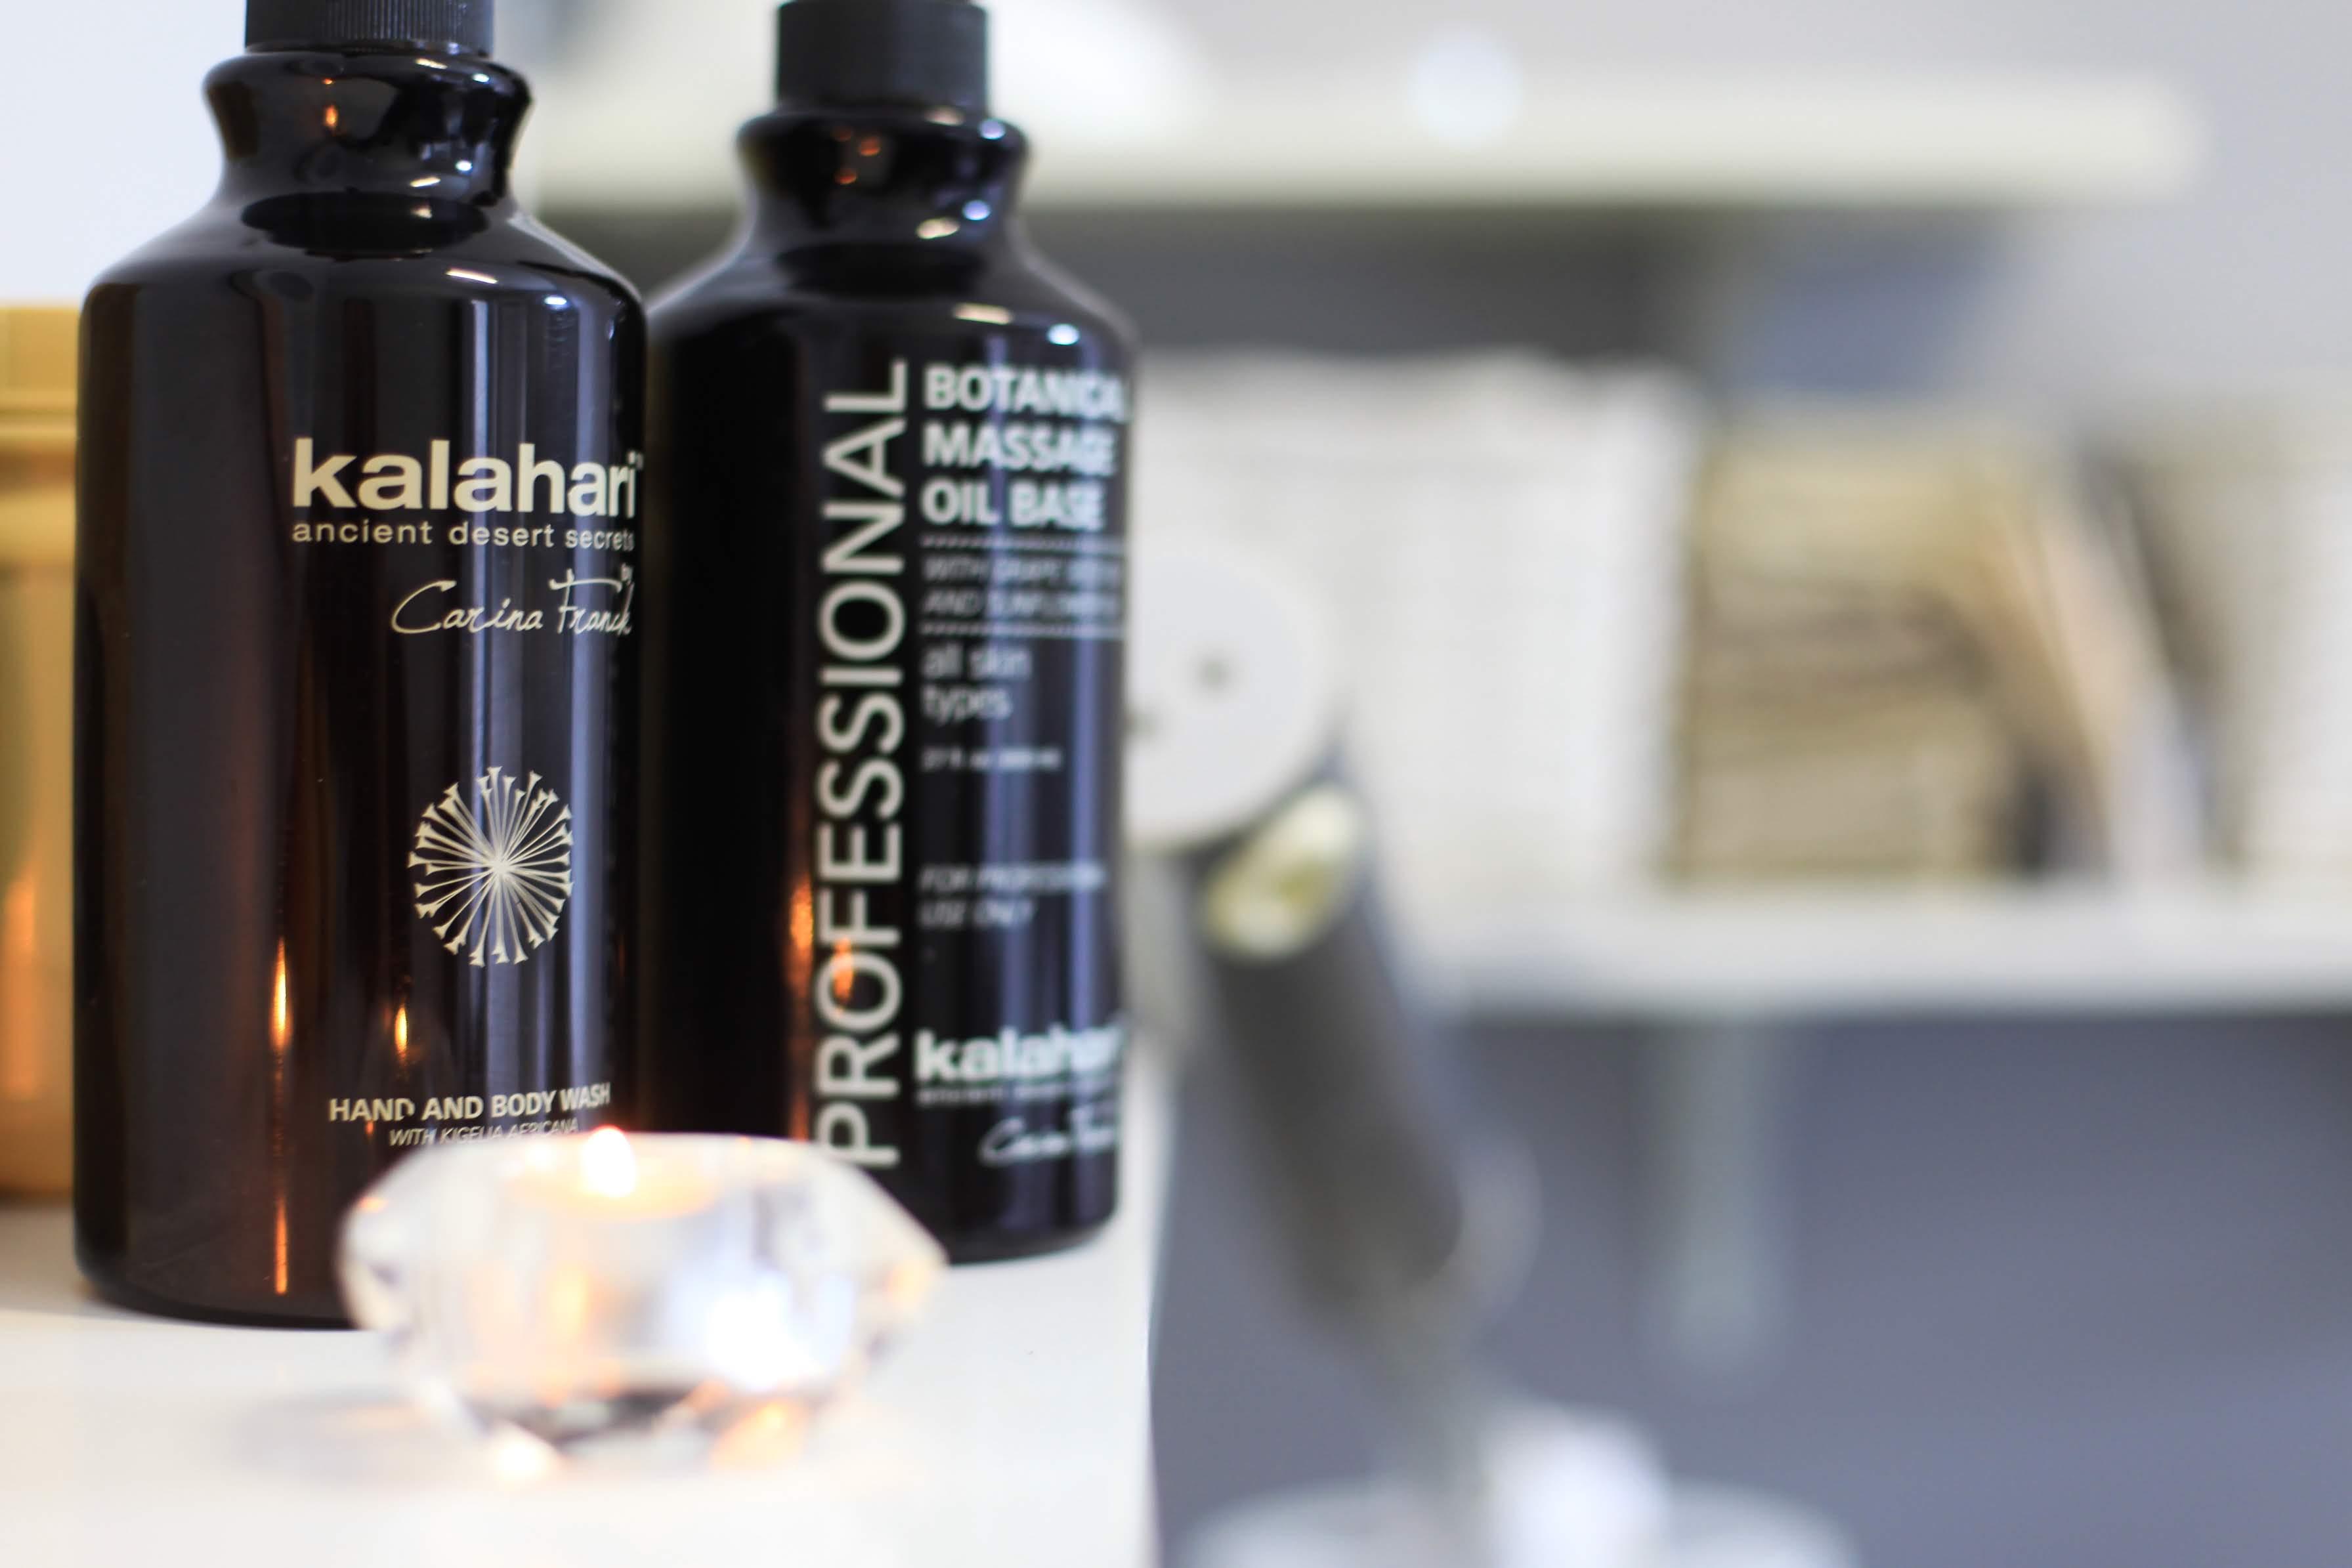 Kalahari Products